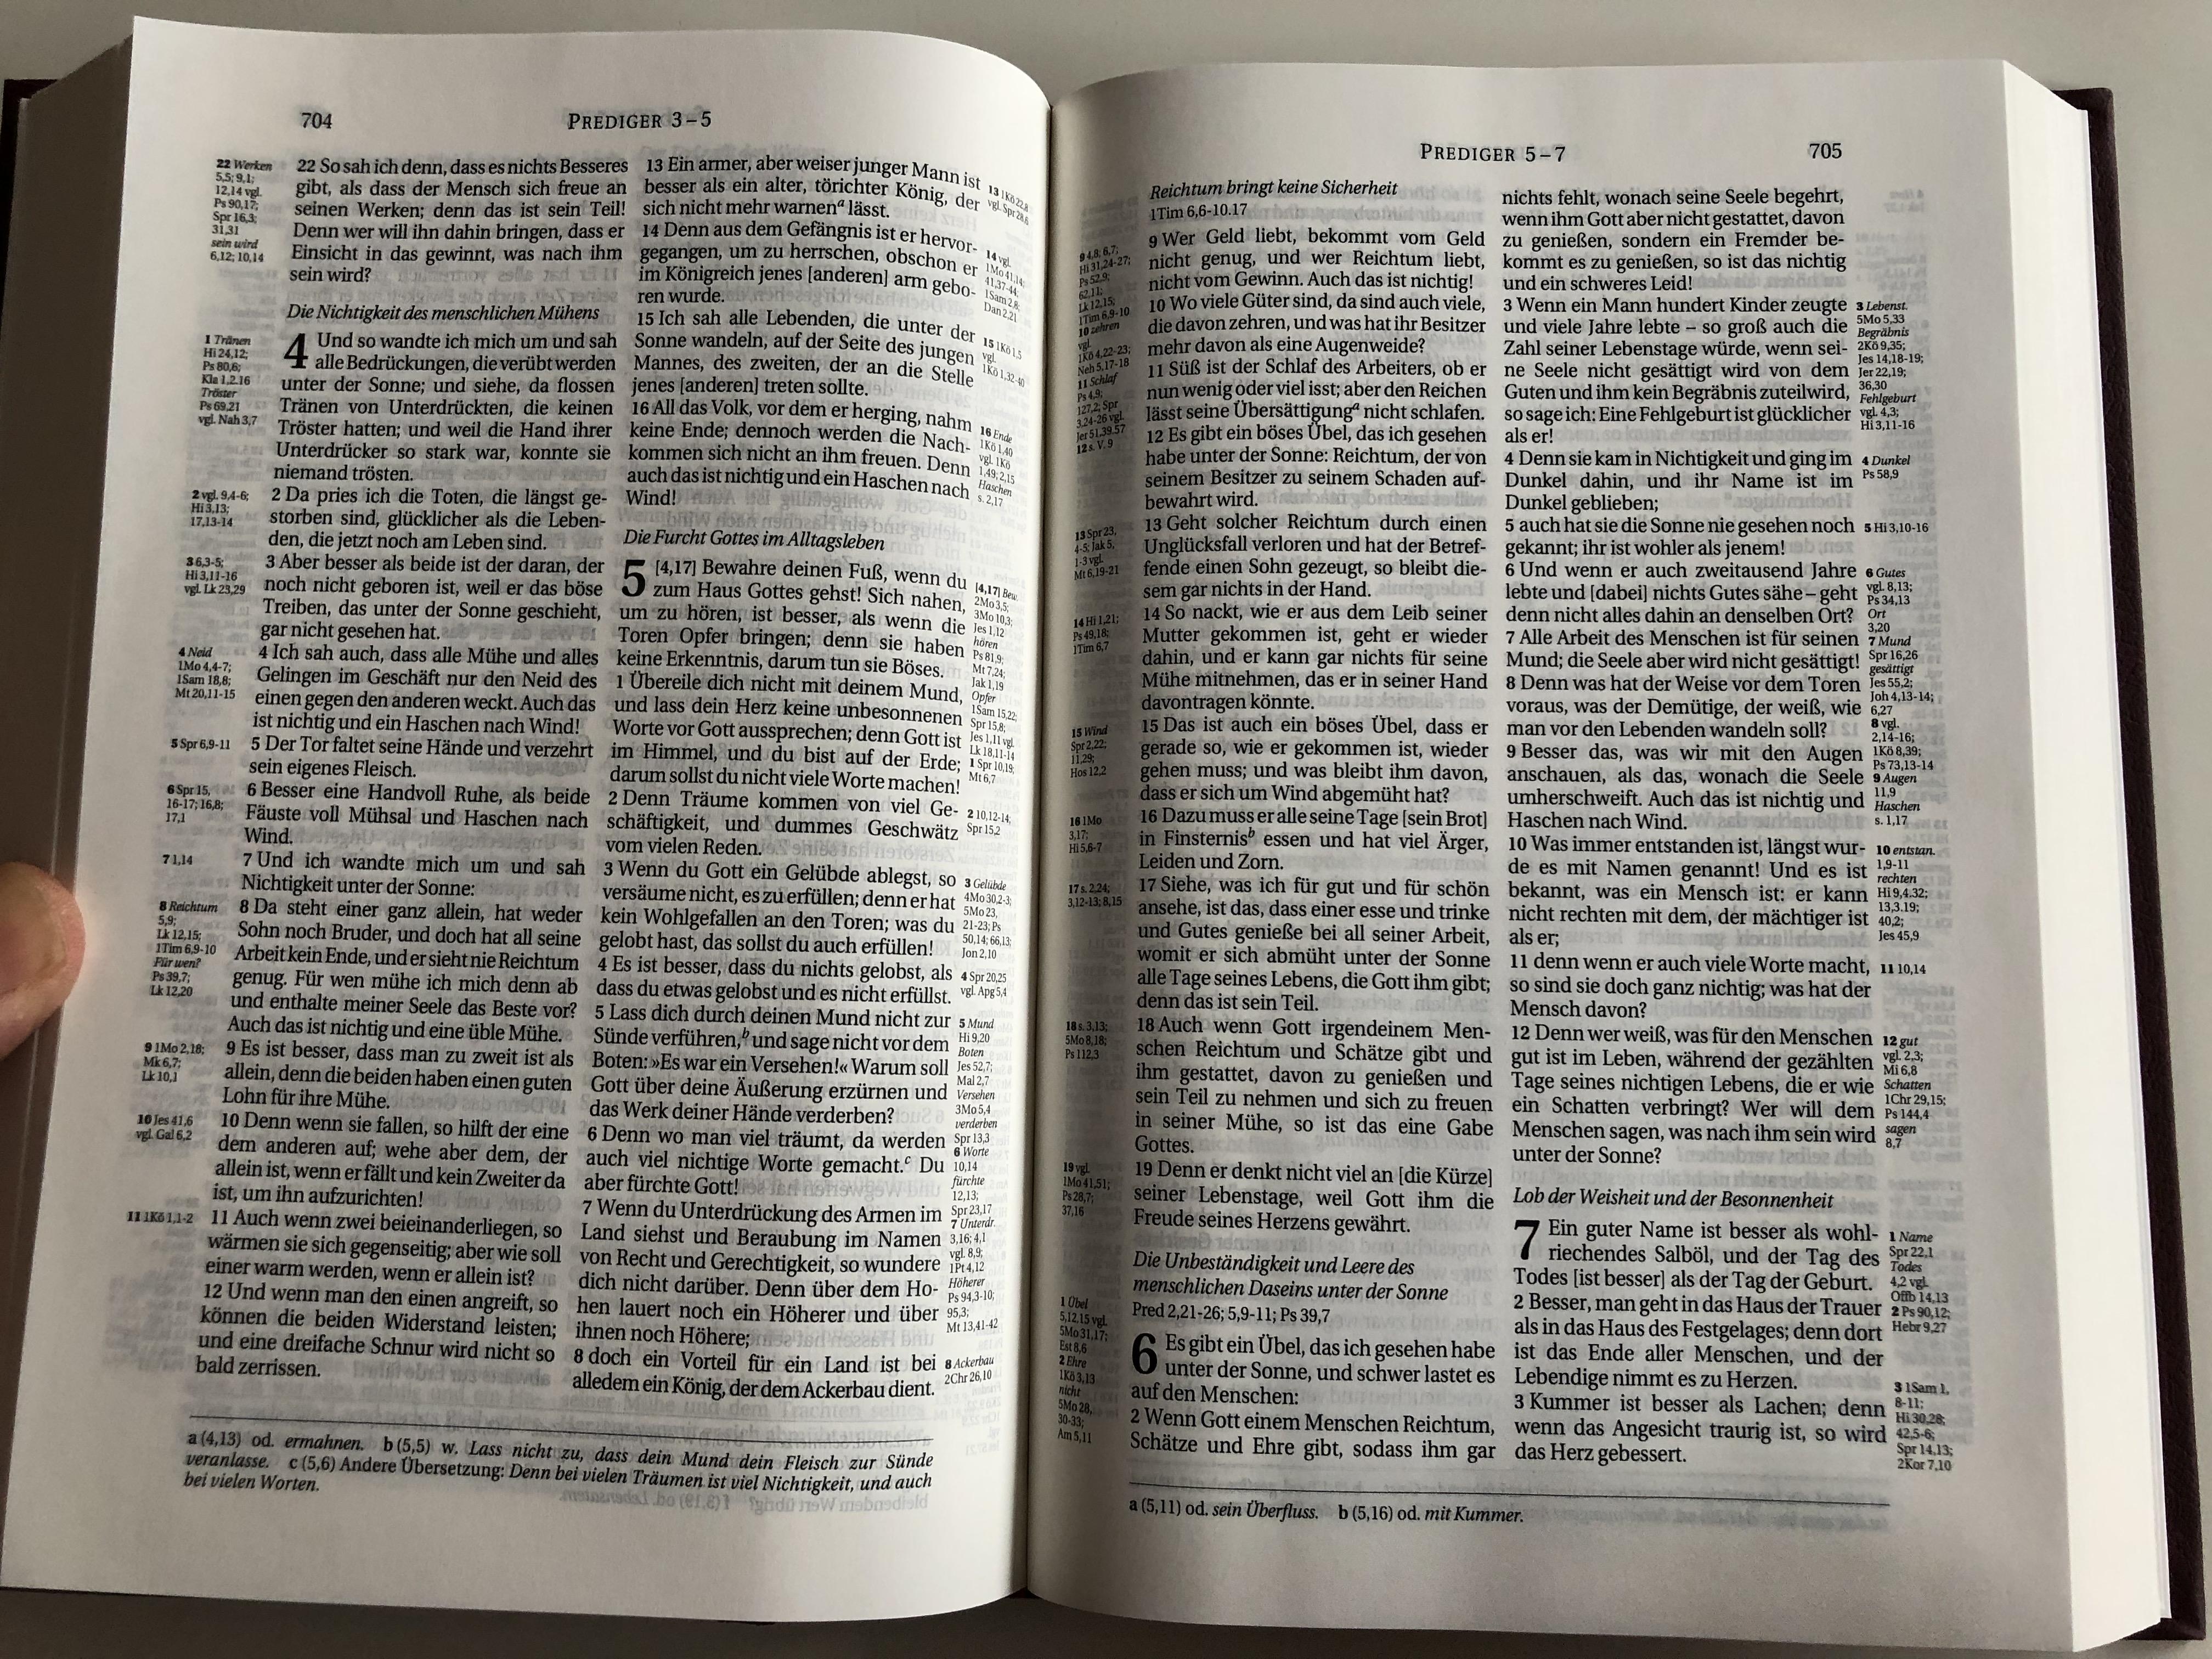 die-bibel-schlachter-version-2000-german-bible-clv-burgundy-9.jpg